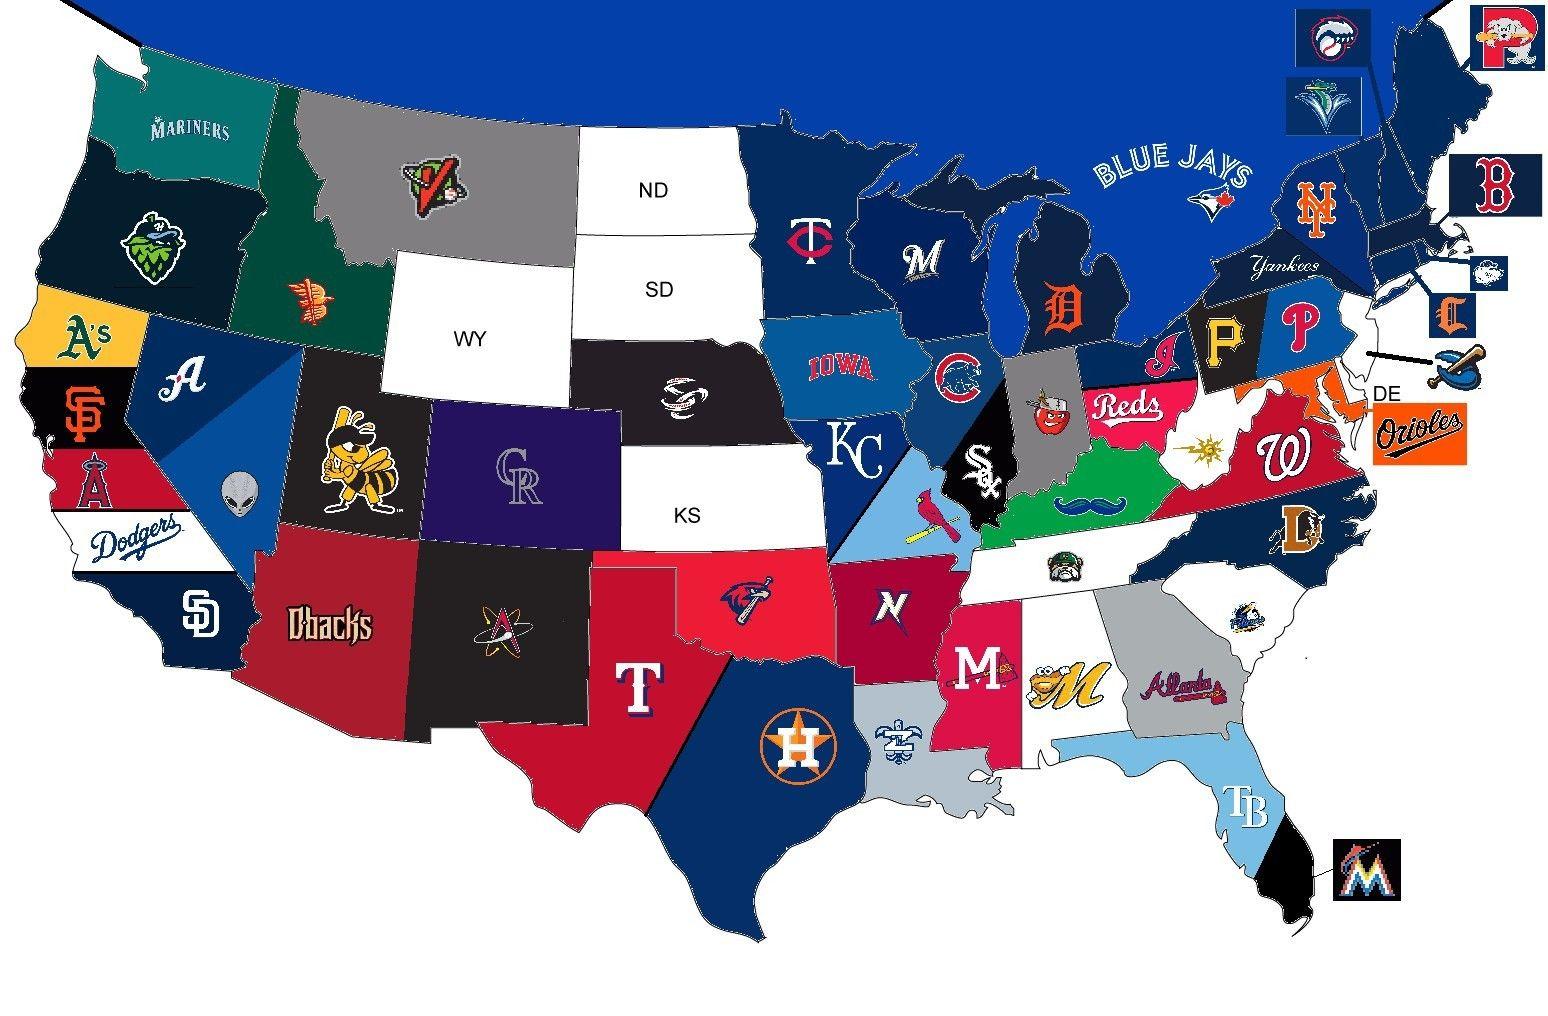 Mapa Interesante De Mlb Us De Los Equipos De Npb Mapas Cool Us Mapa De Las Ubicaciones De Los Equipos De Mlb Mapa Con L Espn Baseball Tigers Baseball Mlb Teams